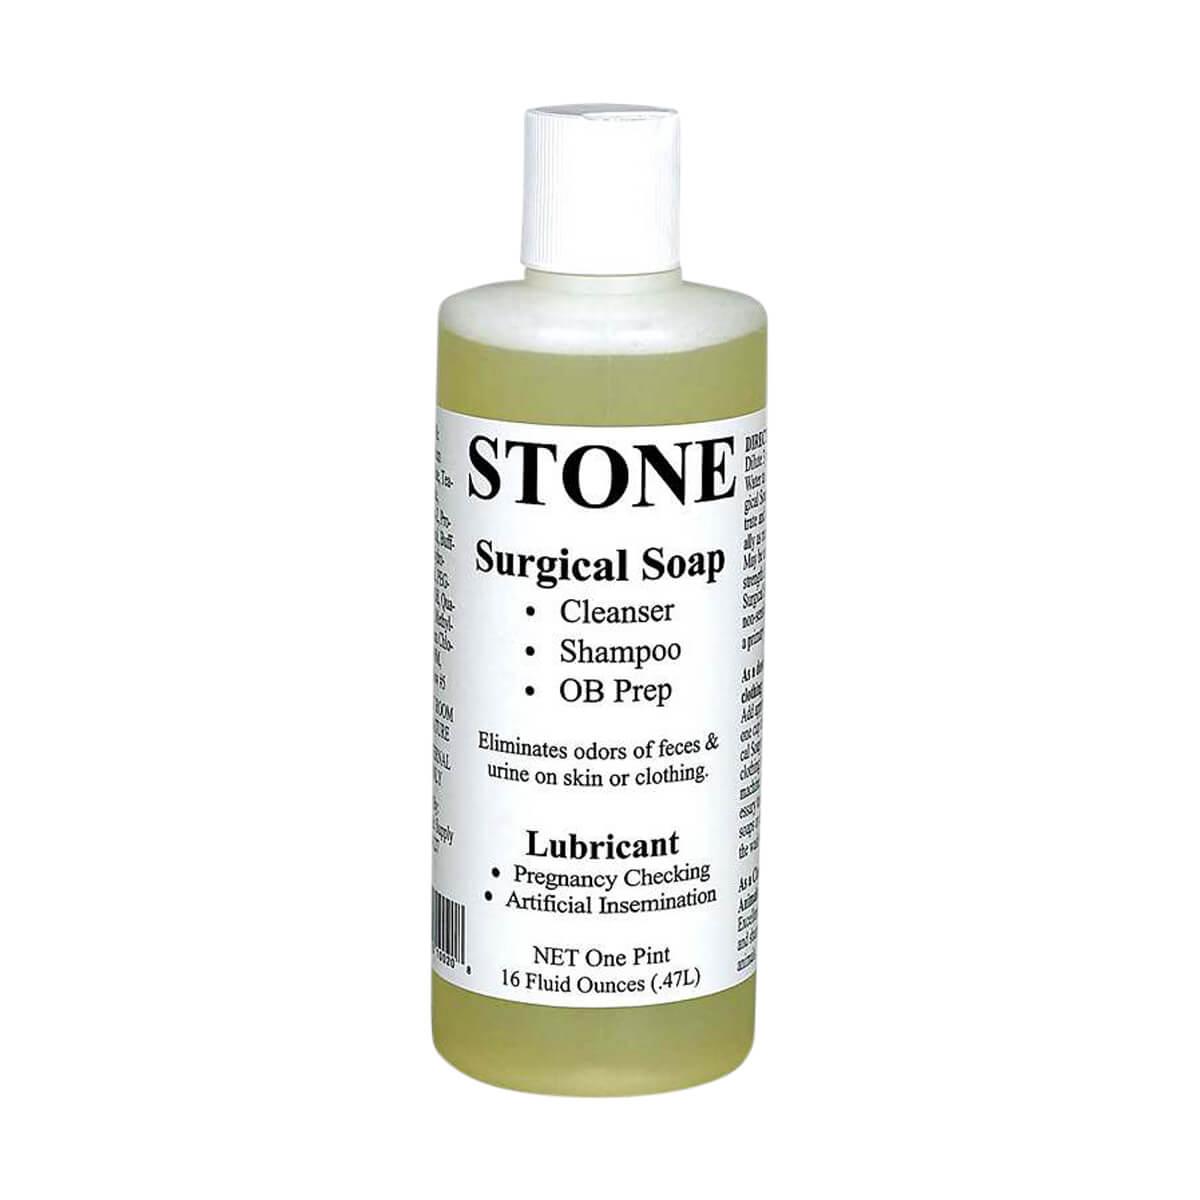 Surgical Soap - 1 pt